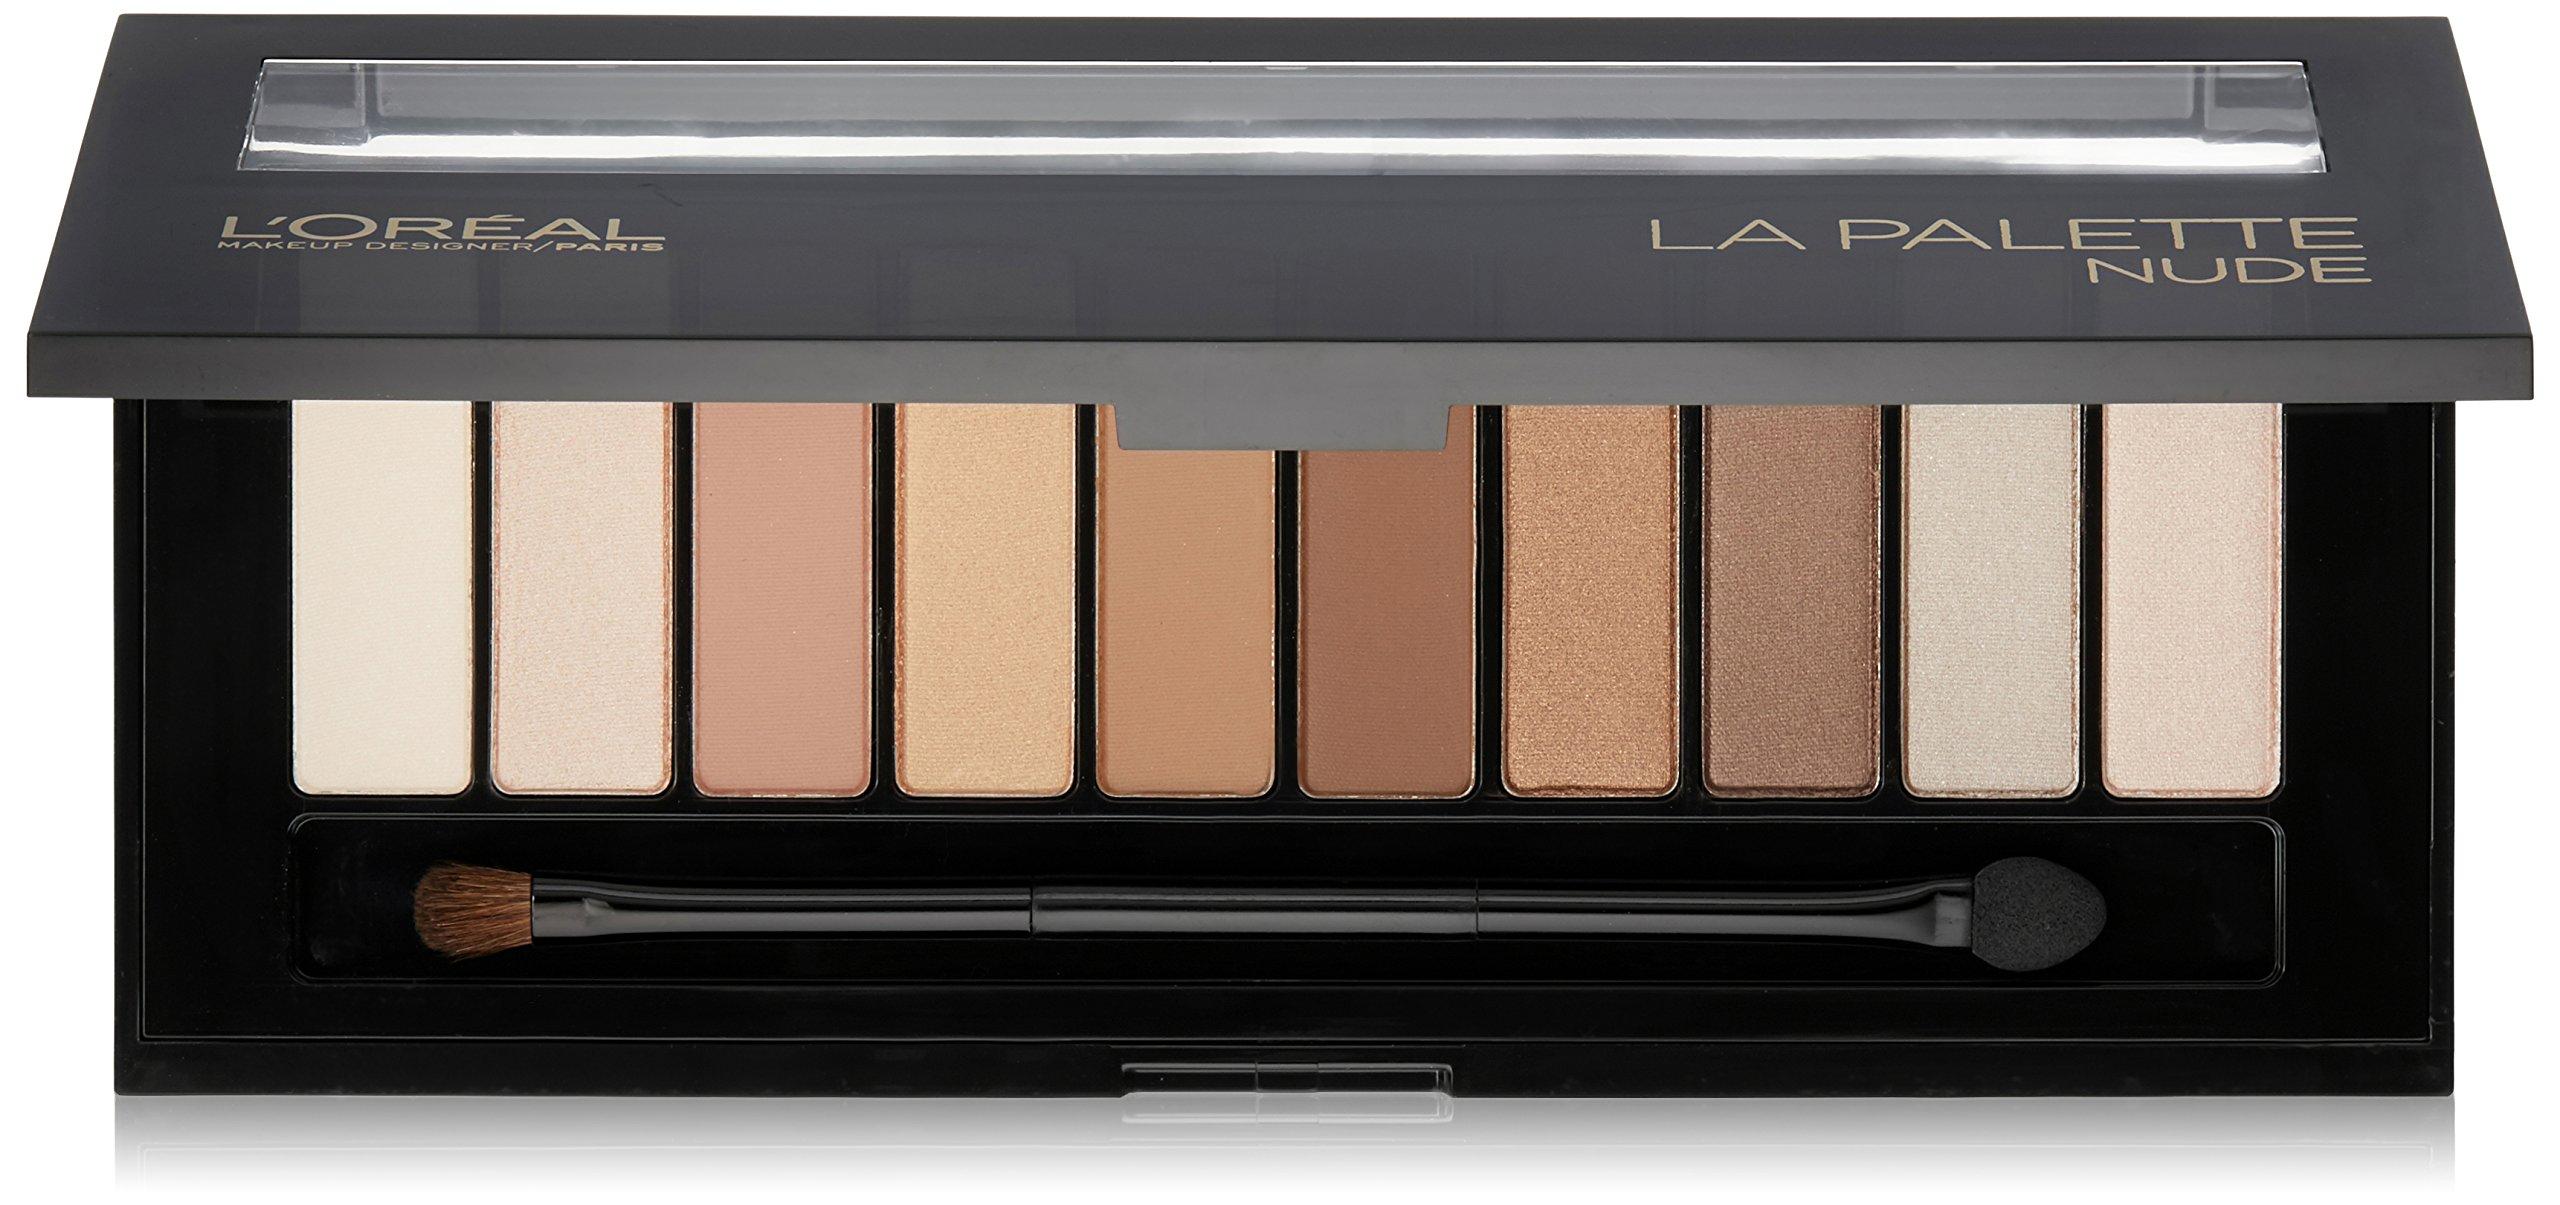 L'Oreal Paris Colour Riche La Palette Eyeshadow, Nude [111] 0.62 oz by L'Oréal Paris